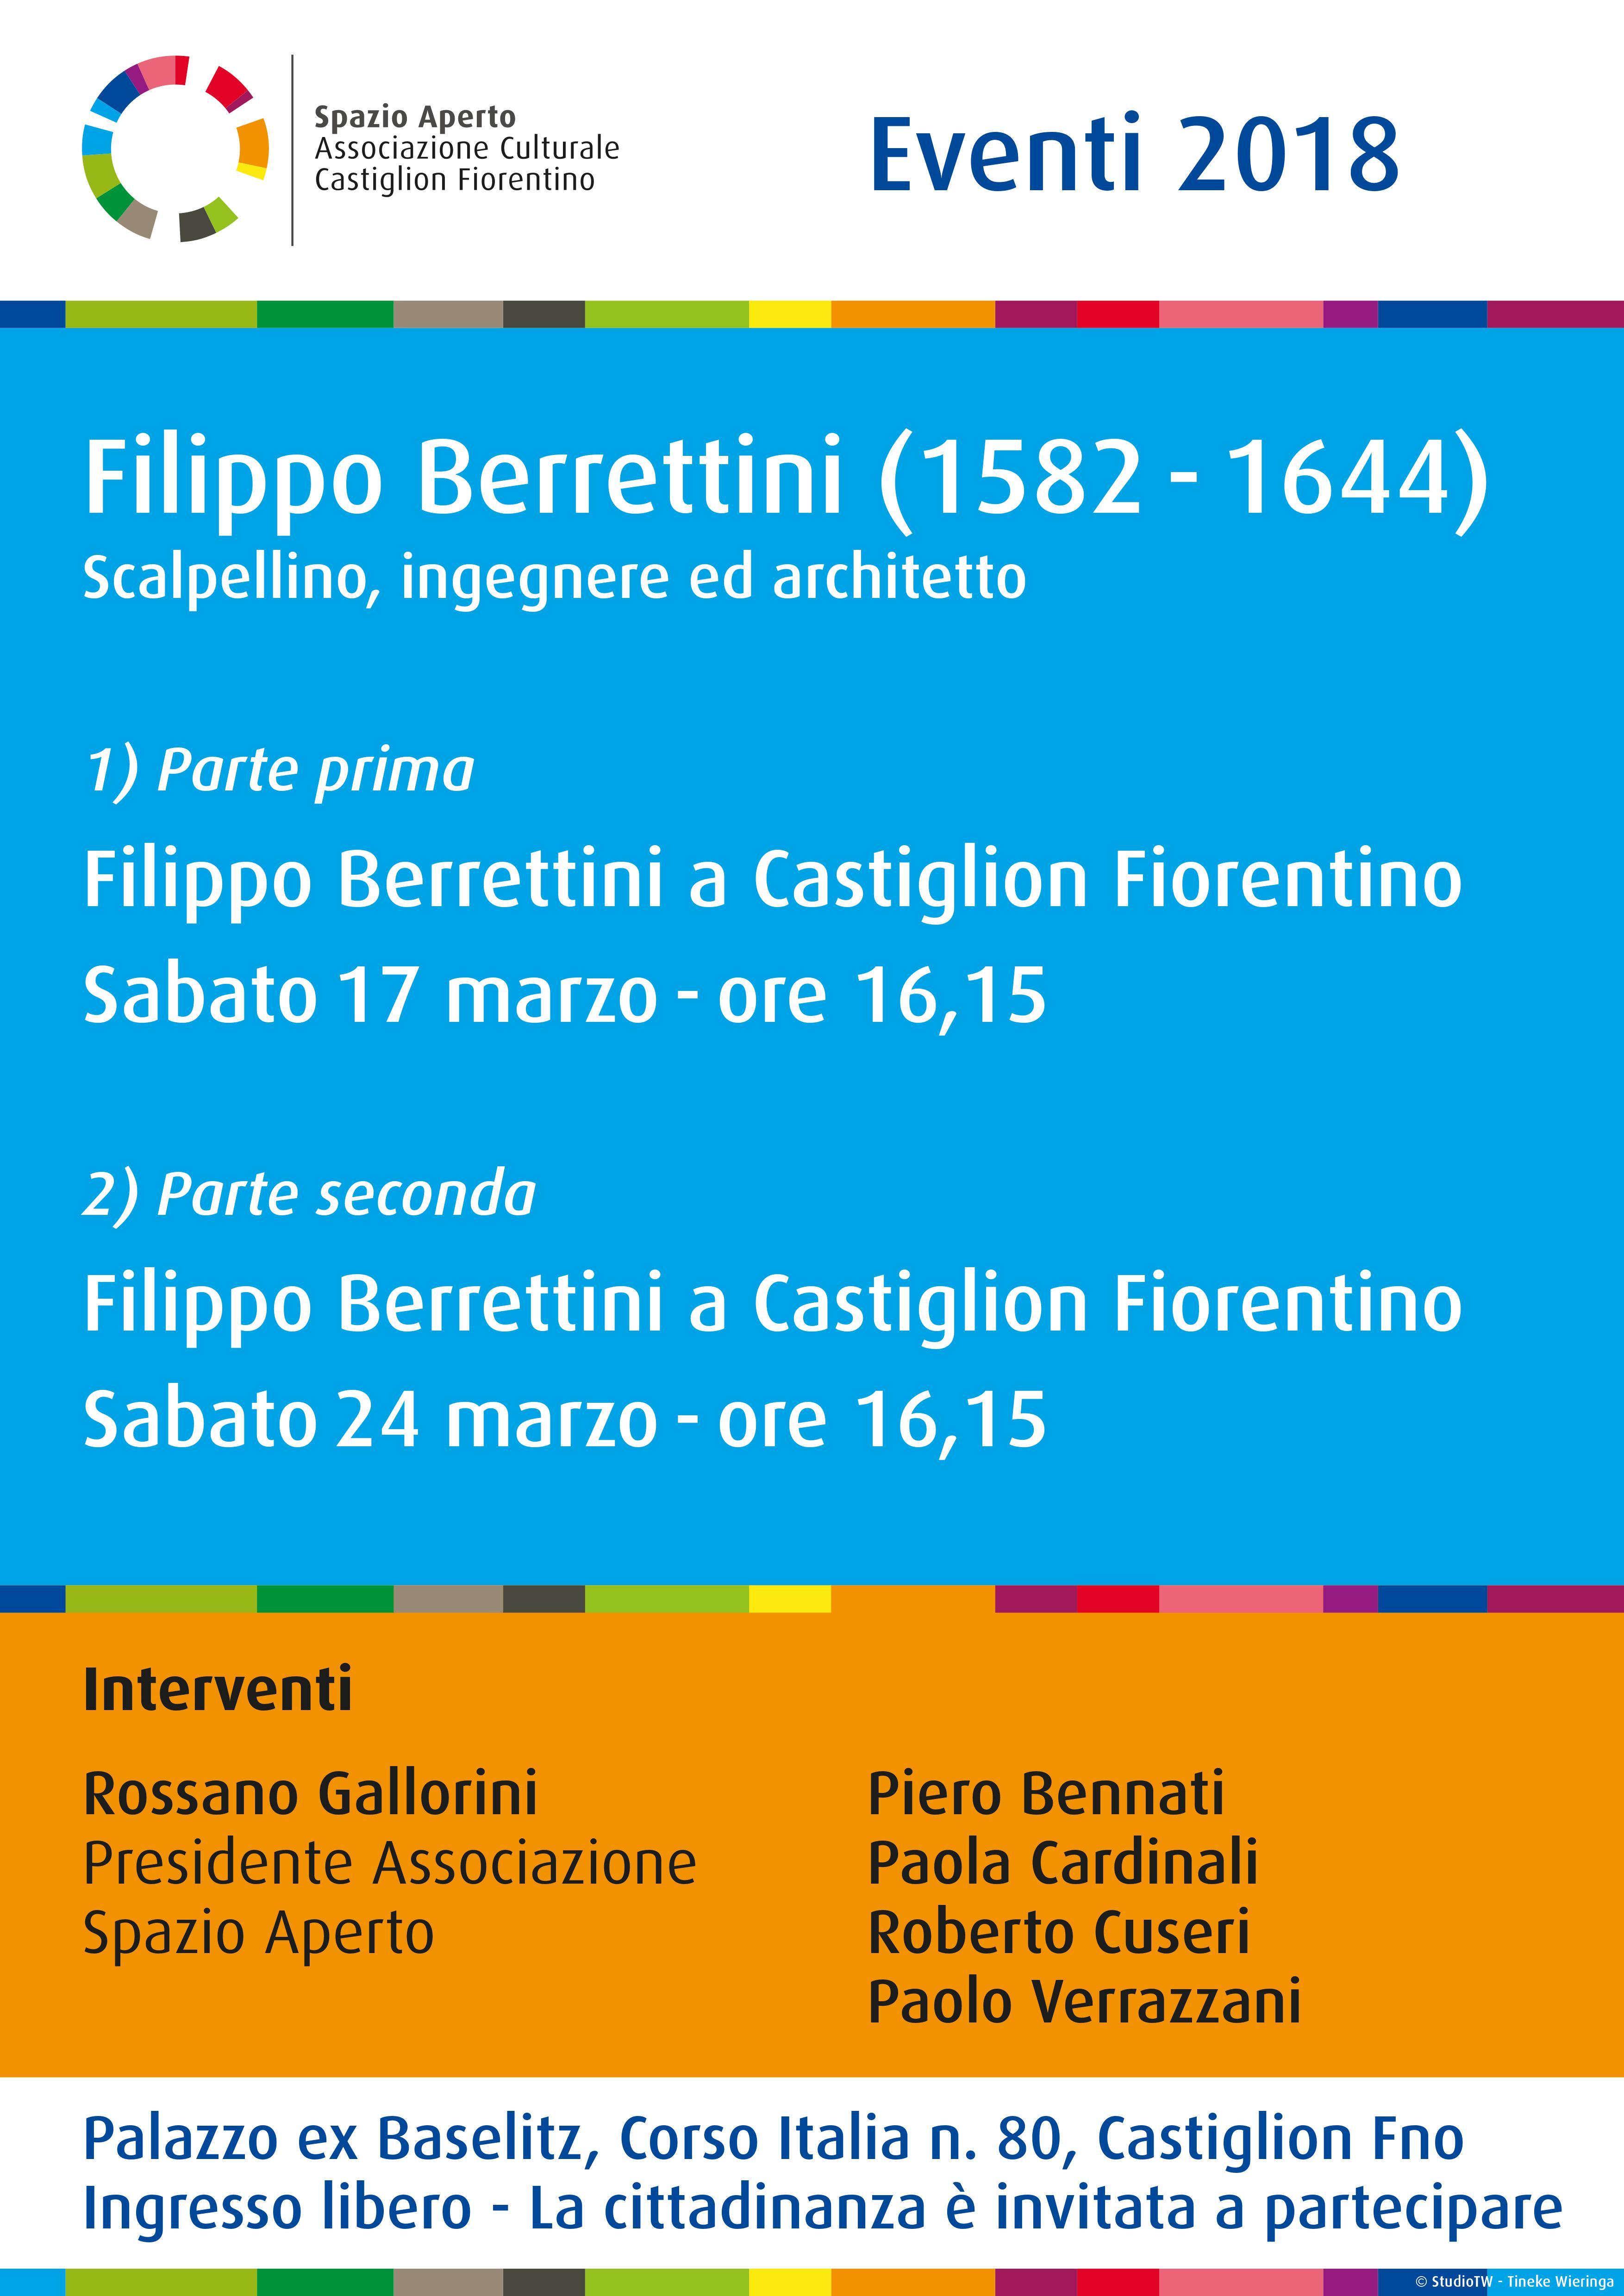 Omaggio a Filippo Berrettini scalpellino, ingegnere ed architetto